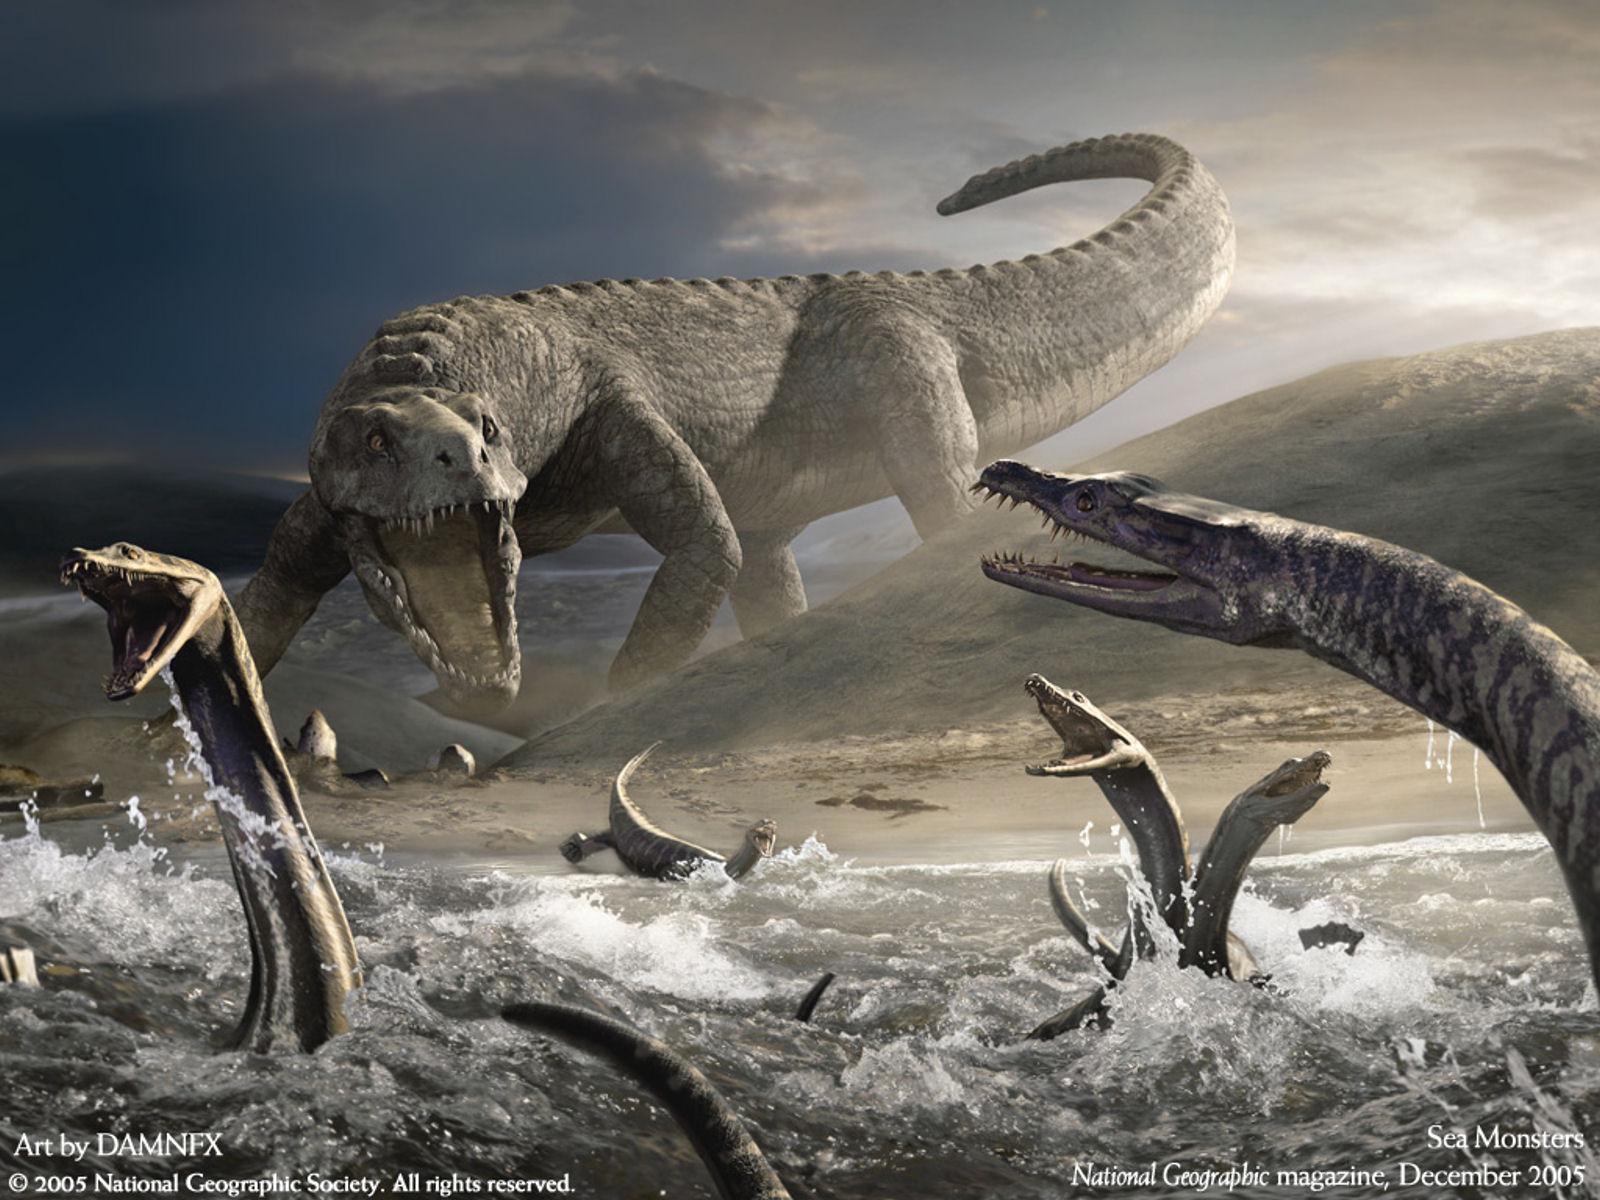 Sea Monsters 1